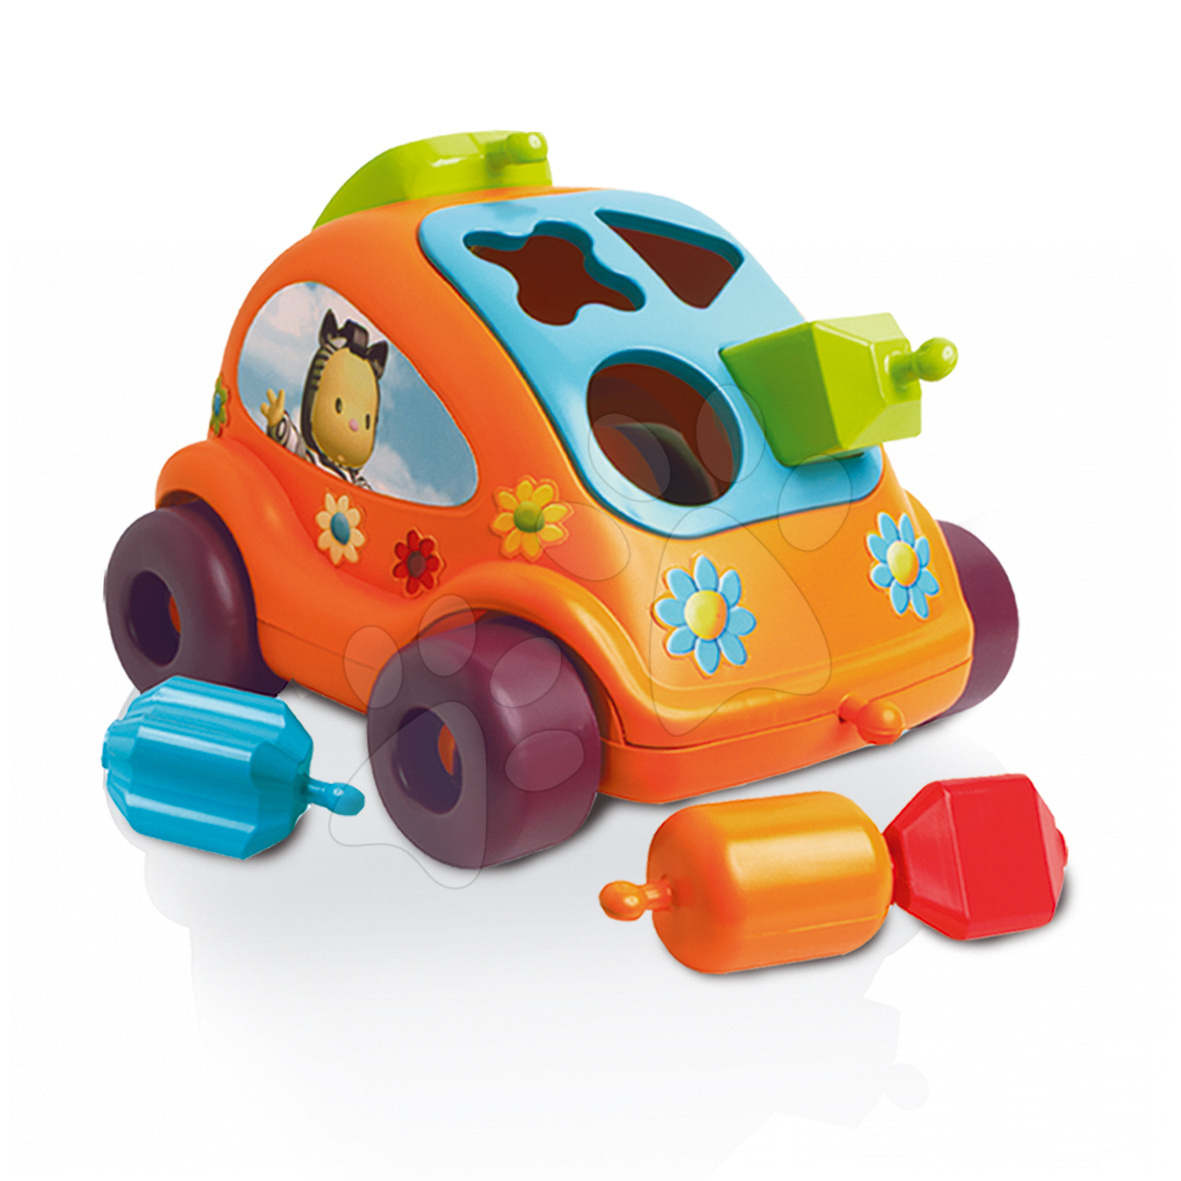 Vkládací autíčko Cotoons brouček Smoby s kostkami oranžové od 12 měsíců